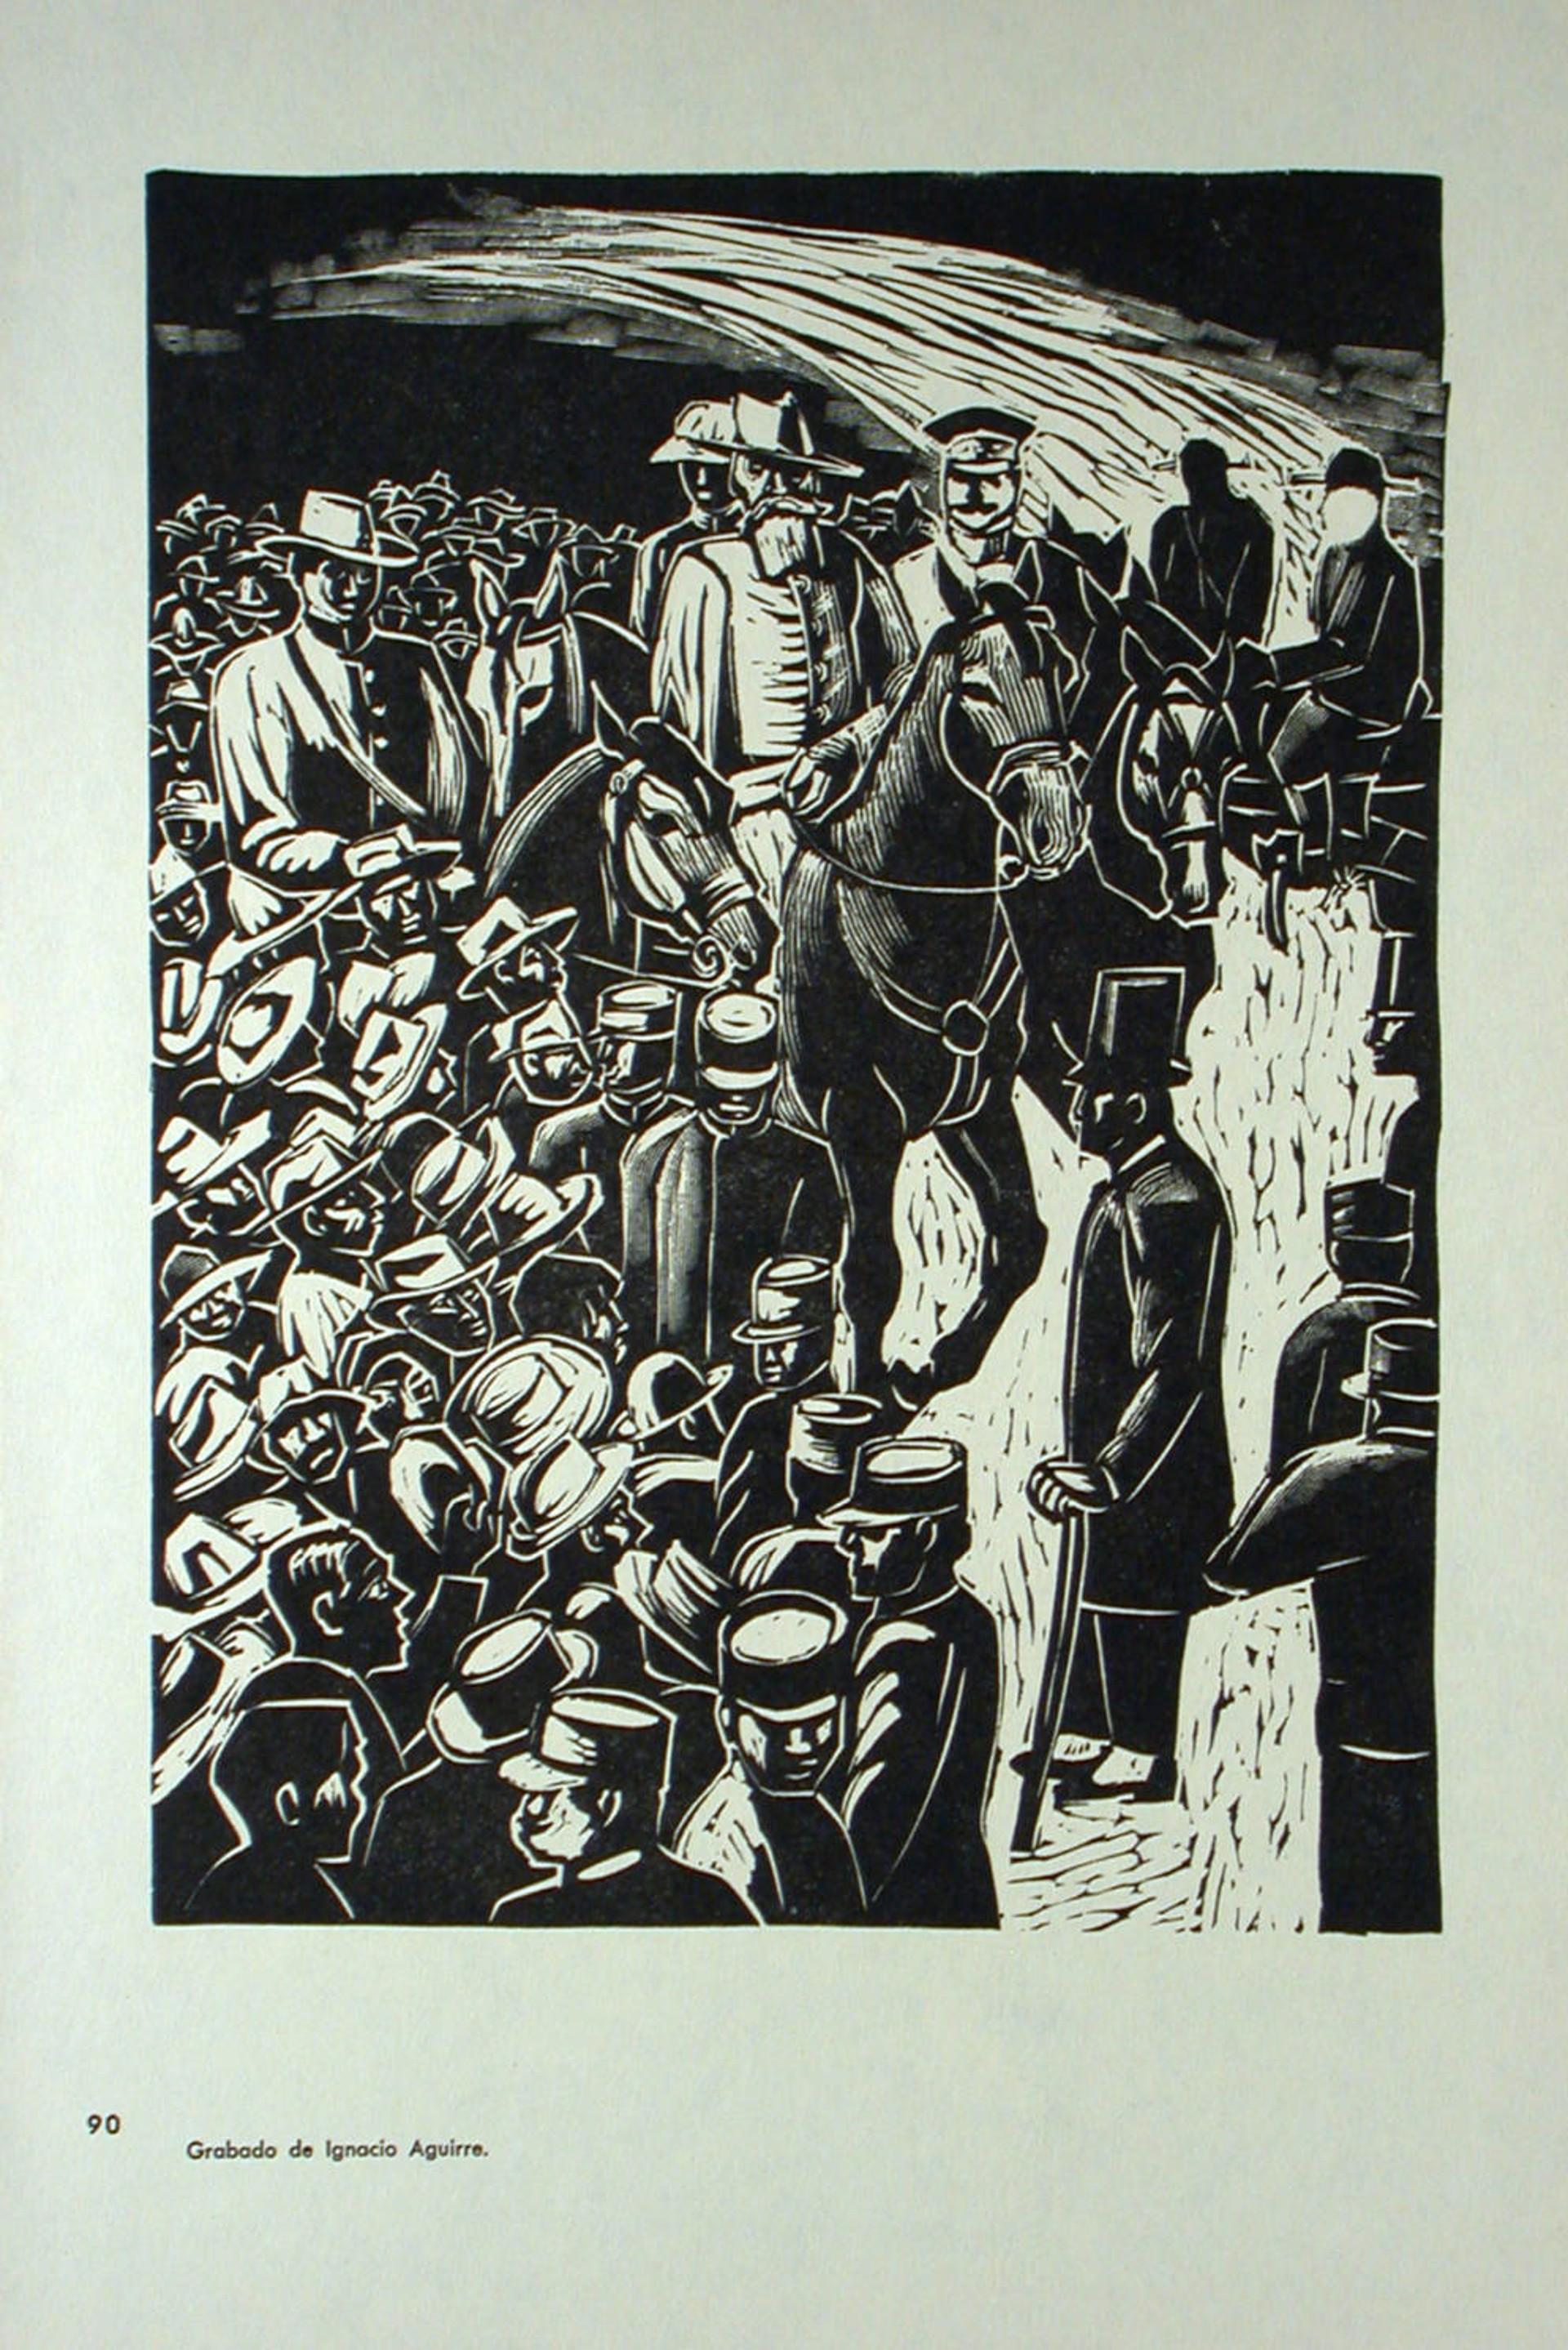 La Entrada del Ejercito Constitucionalista en la Ciudad de México. 20 de Agosto de 1914. by Ignacio Aguirre (1900 – 1990)